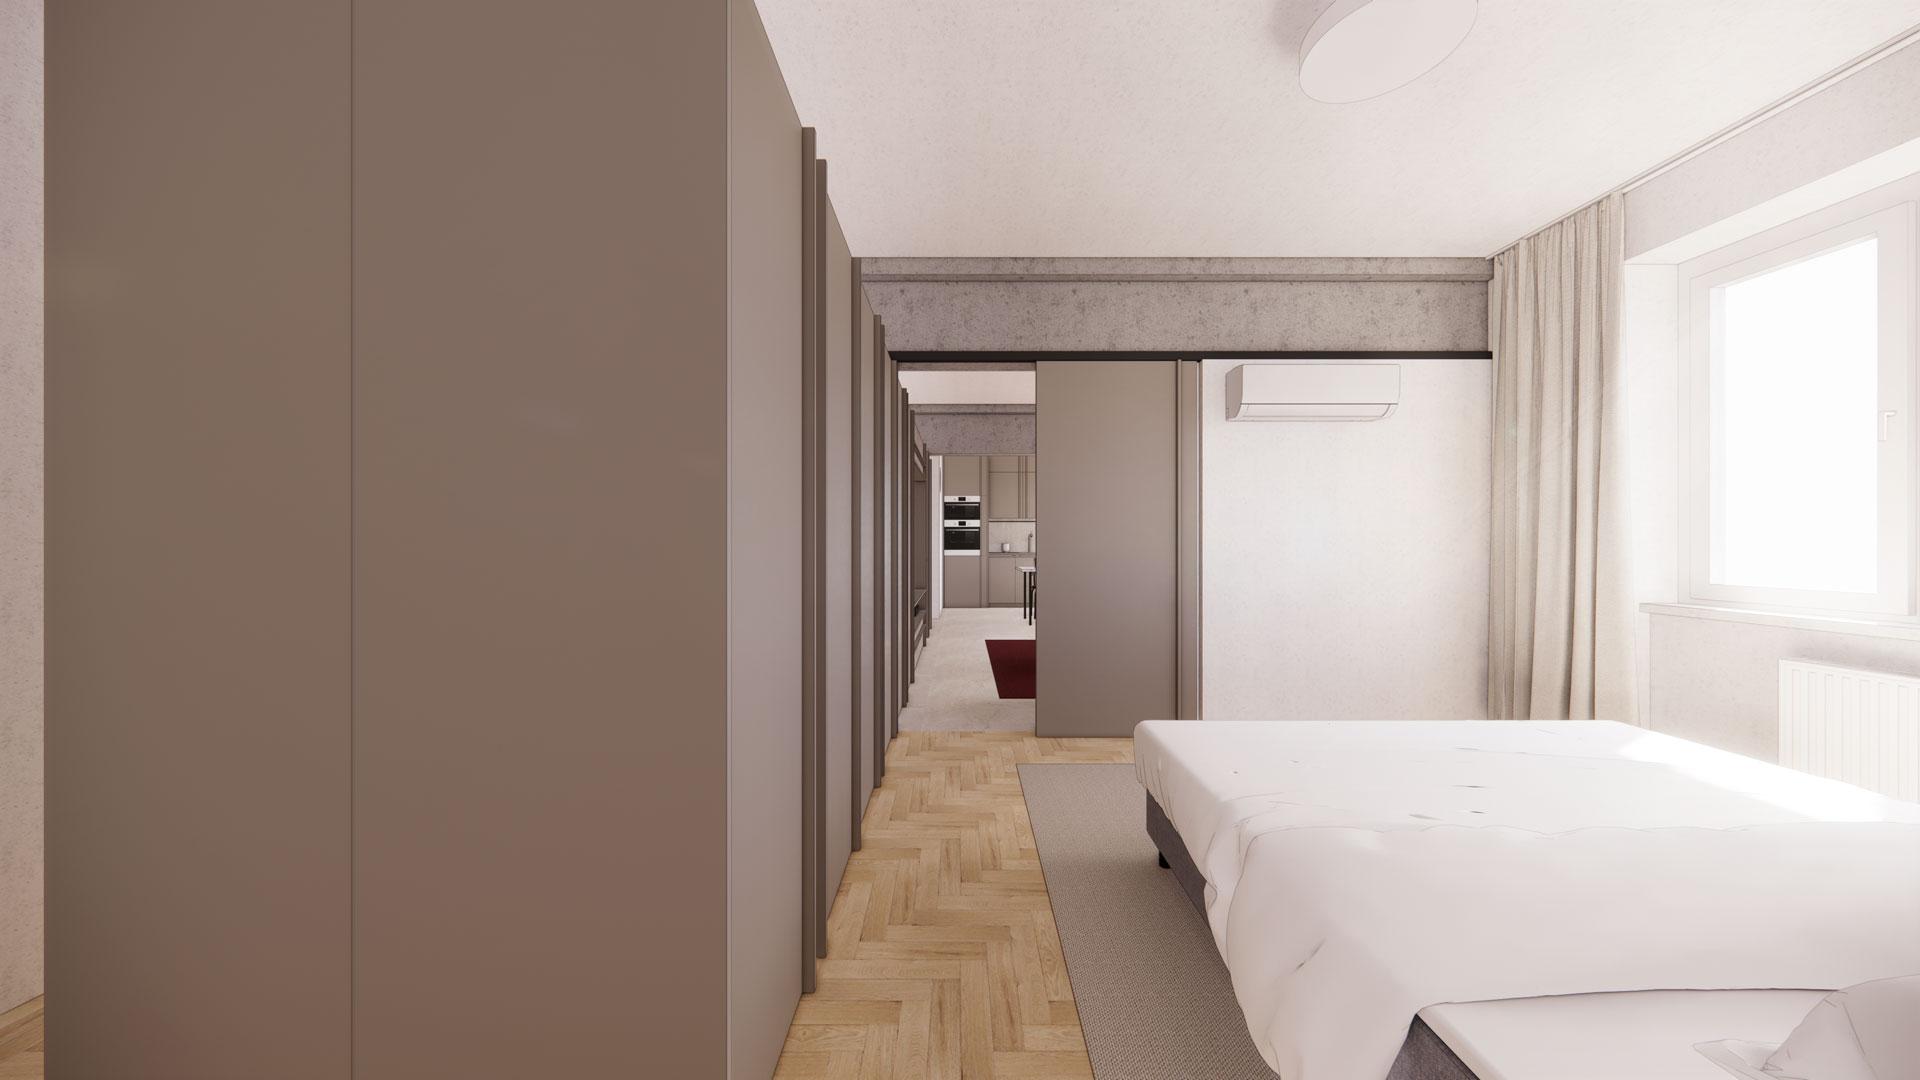 noiz-architekti-interier-byt-lublanska-04